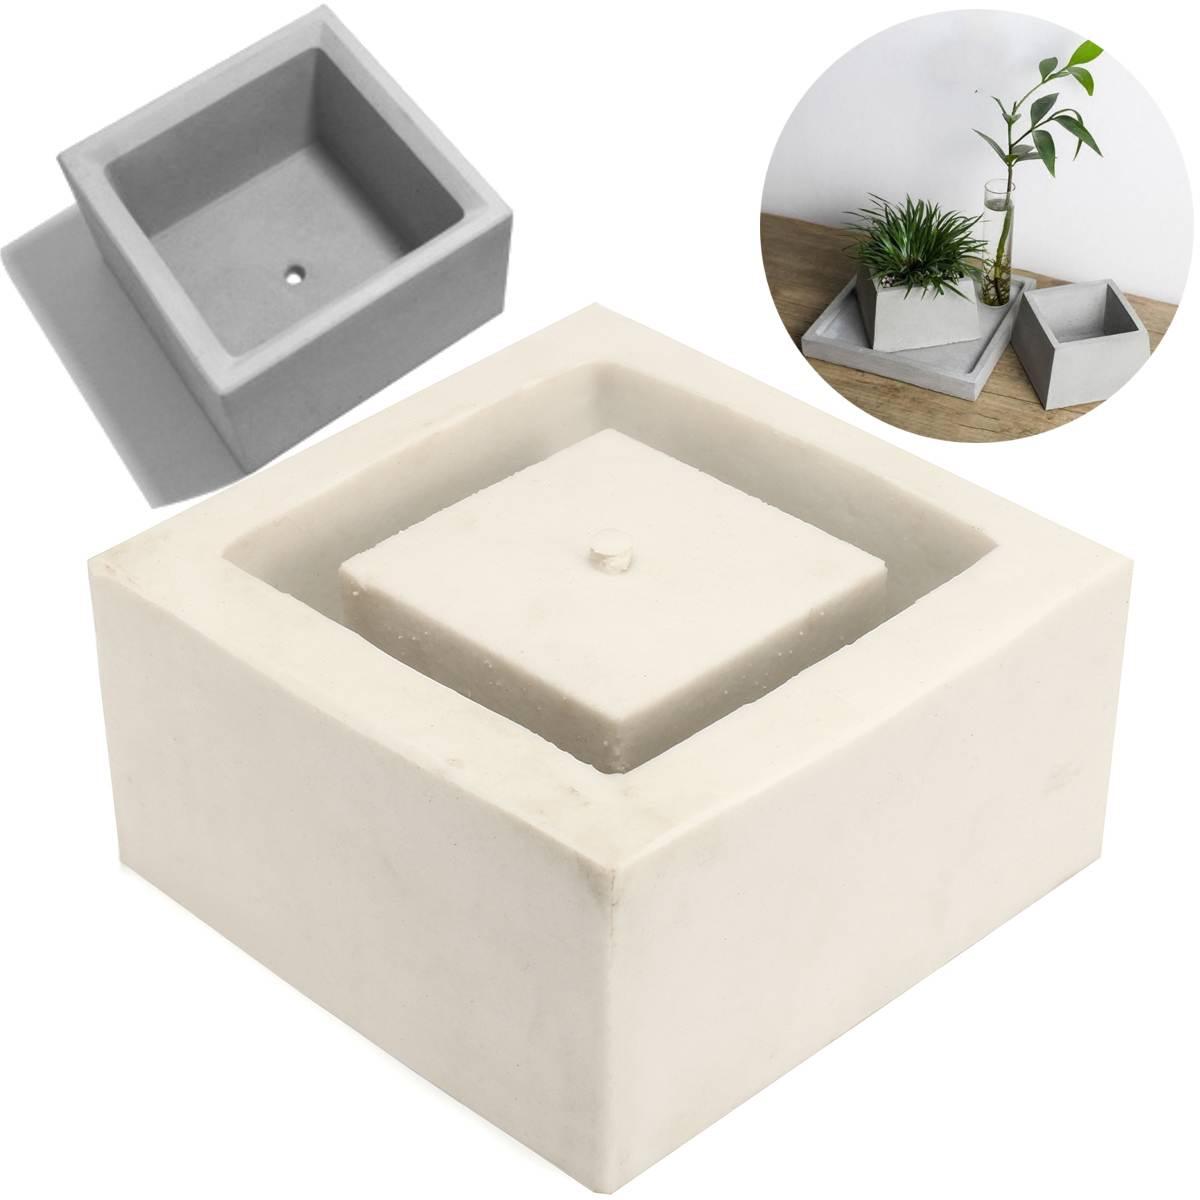 Pots d'argile en céramique moule planteur moule en Silicone pour la décoration de la maison artisanat de Table faisant des moules de Pot de fleur moules en béton de Silicone